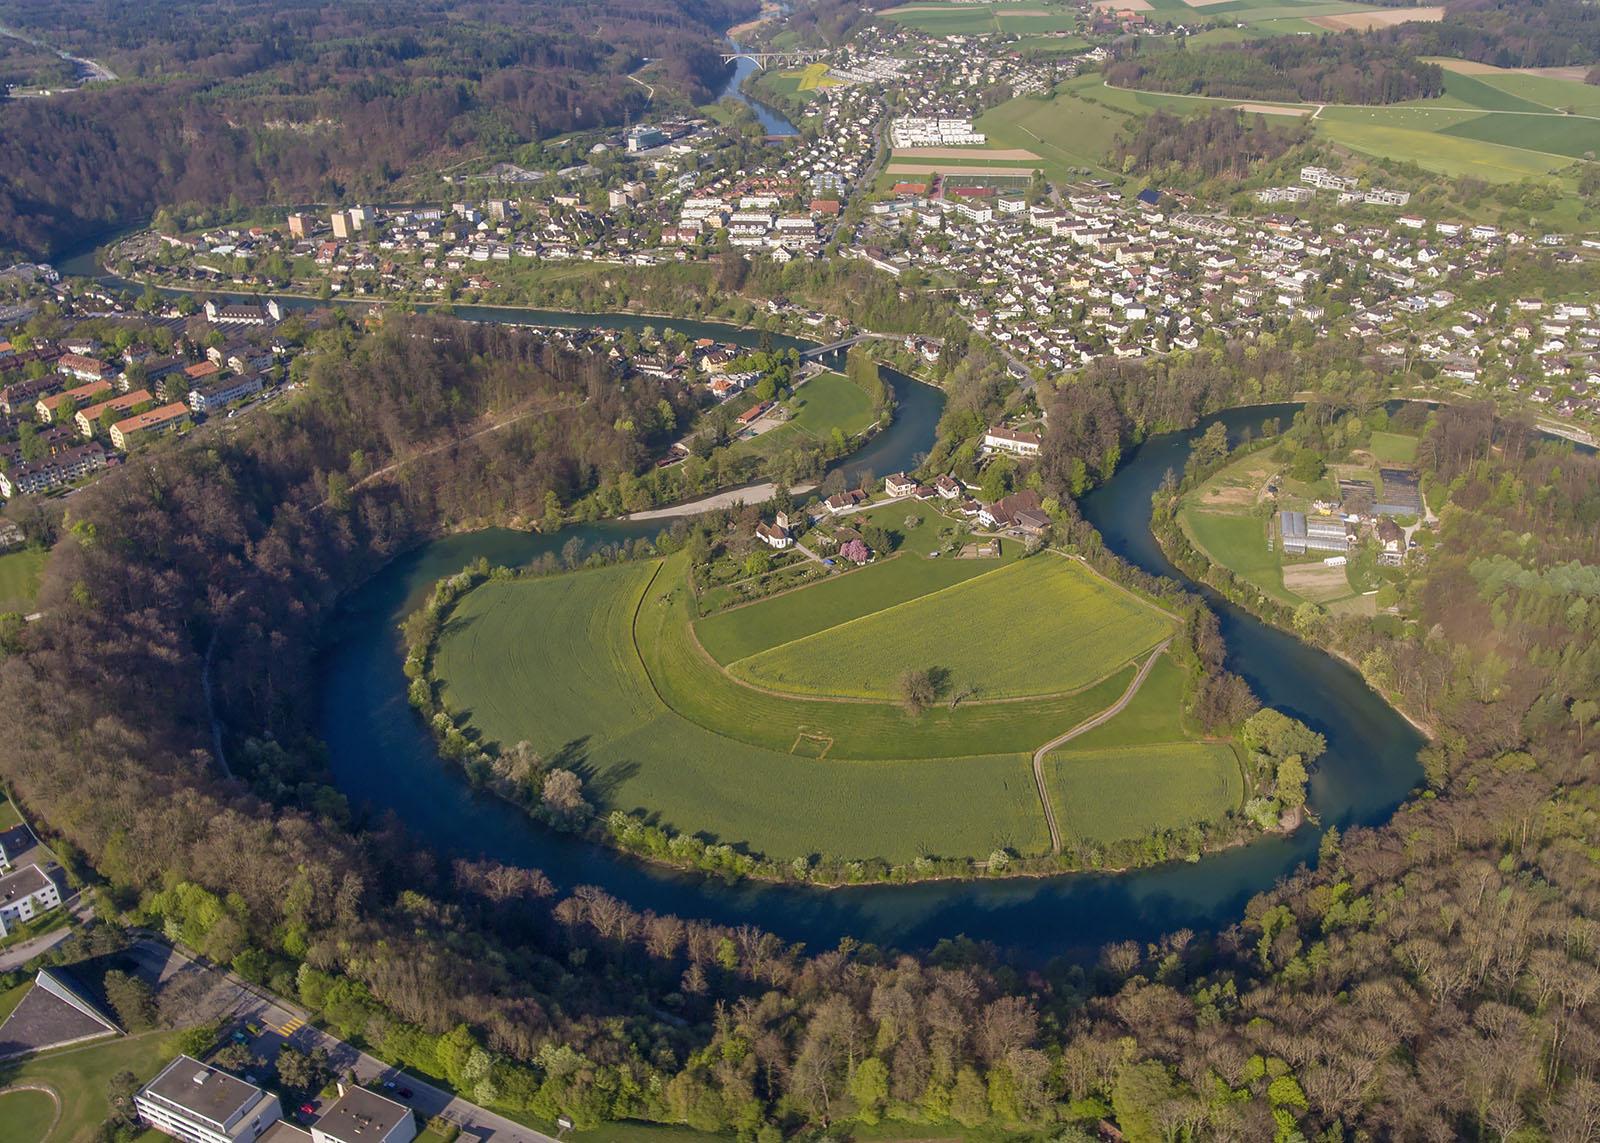 Die rund neun Kilometer lange Restwasserstrecke gehört zu den ökologisch wertvollsten Flusslandschaften des Kantons Bern